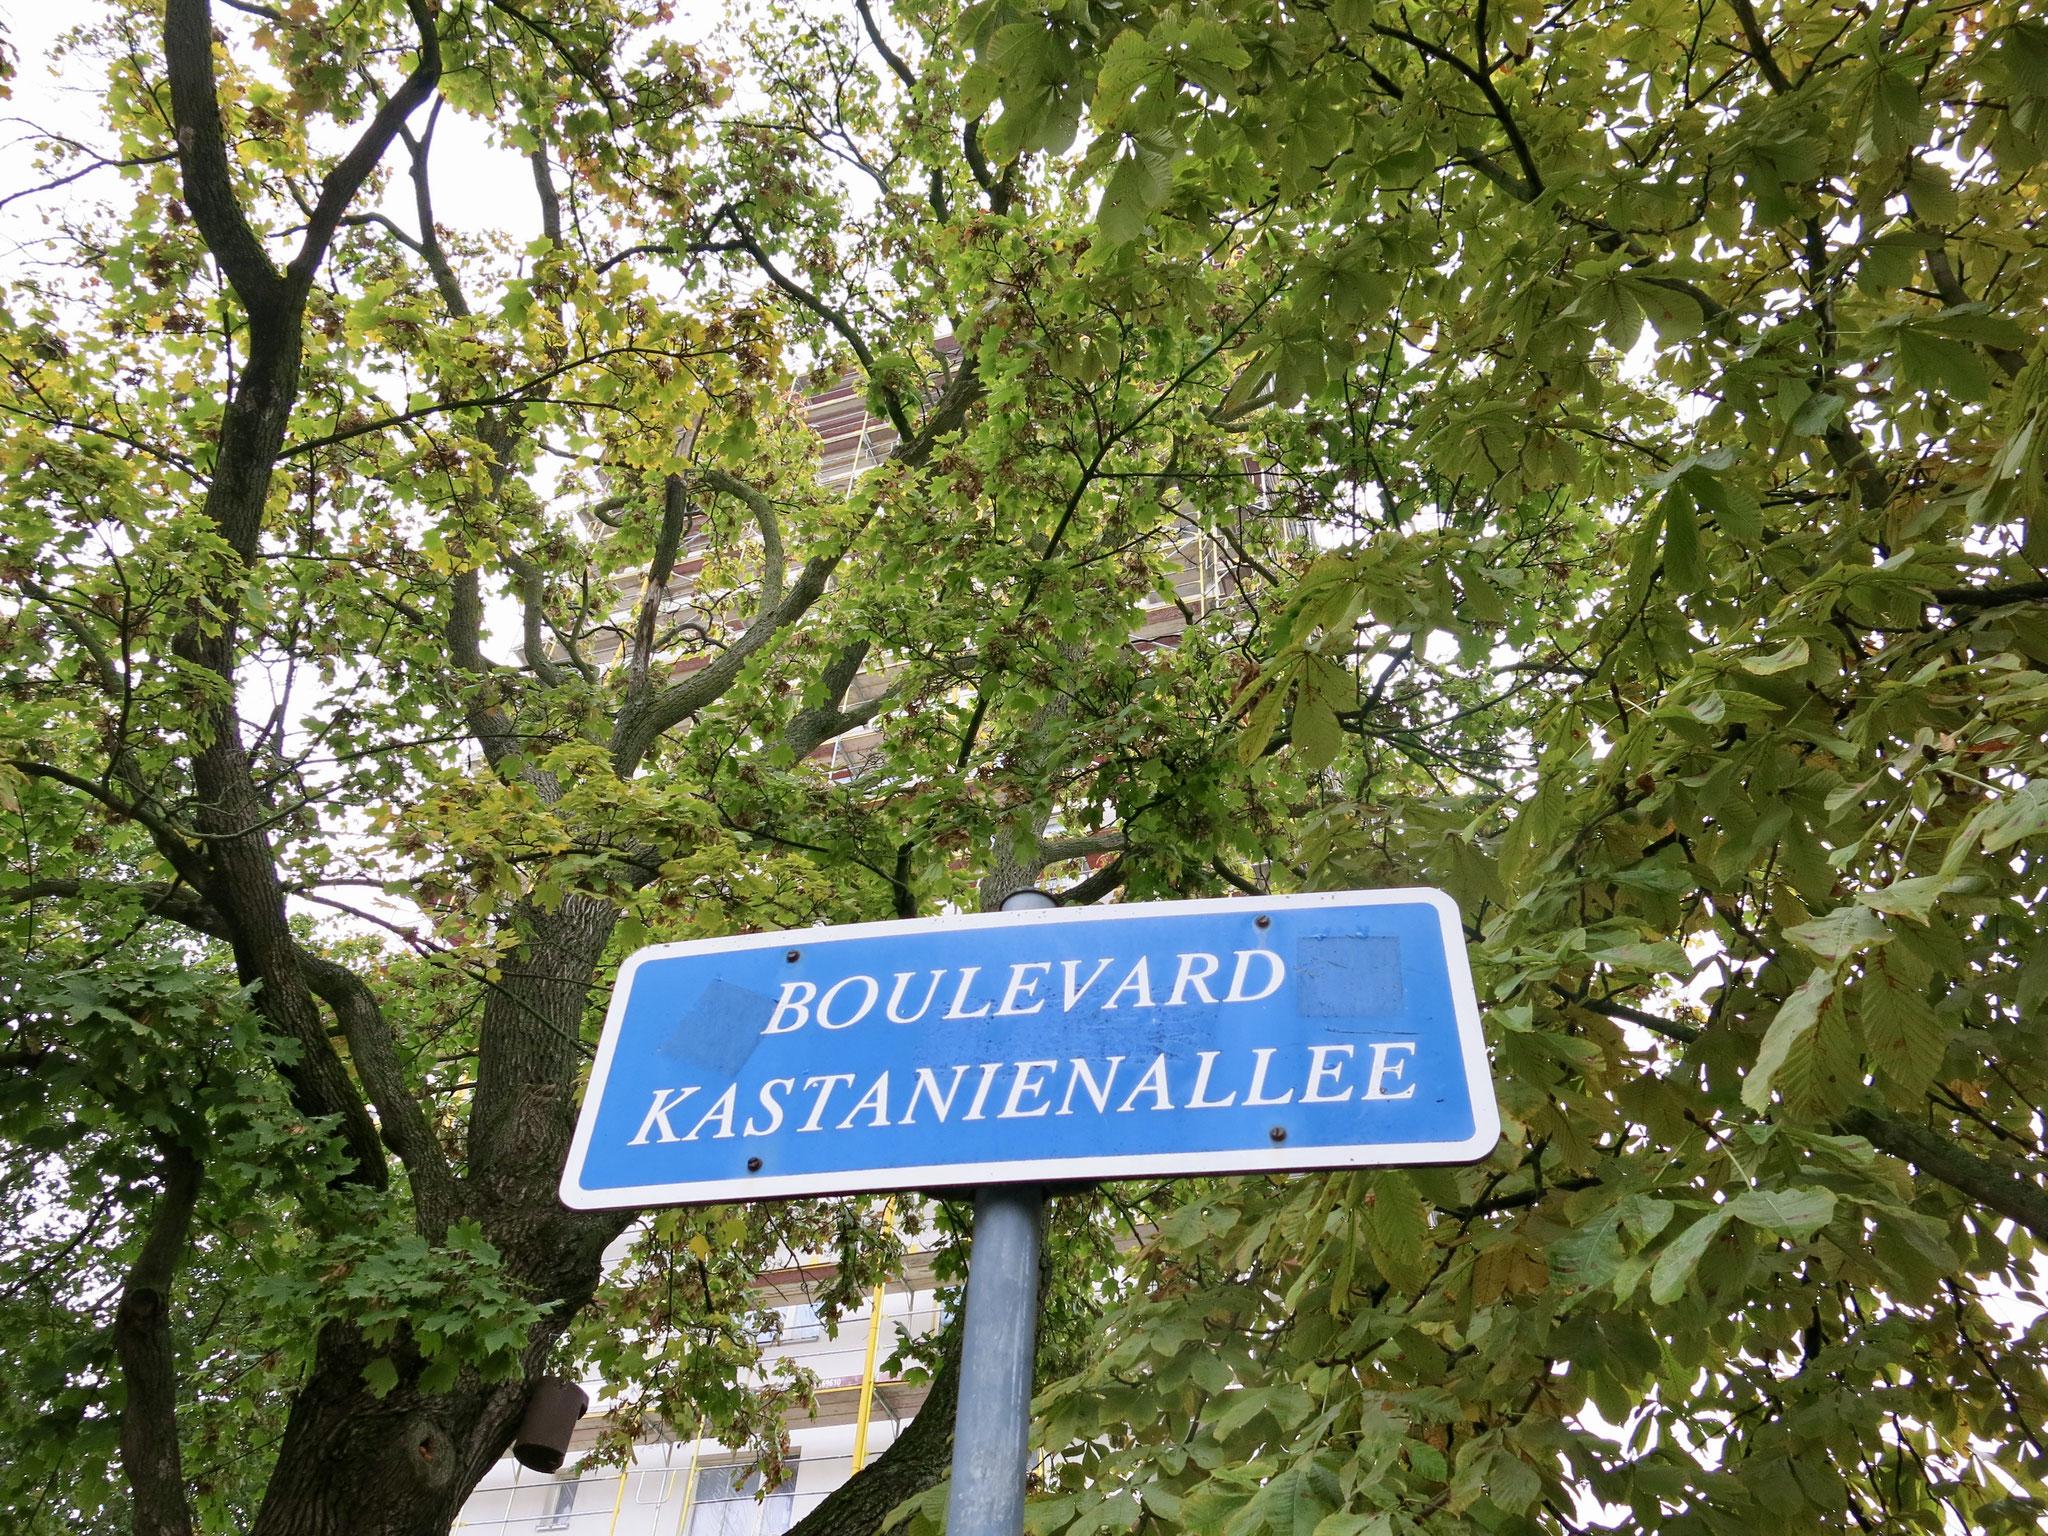 Do, 22.10., ab 13 Uhr: Spazierblick zum Boulevard Kastanienallee